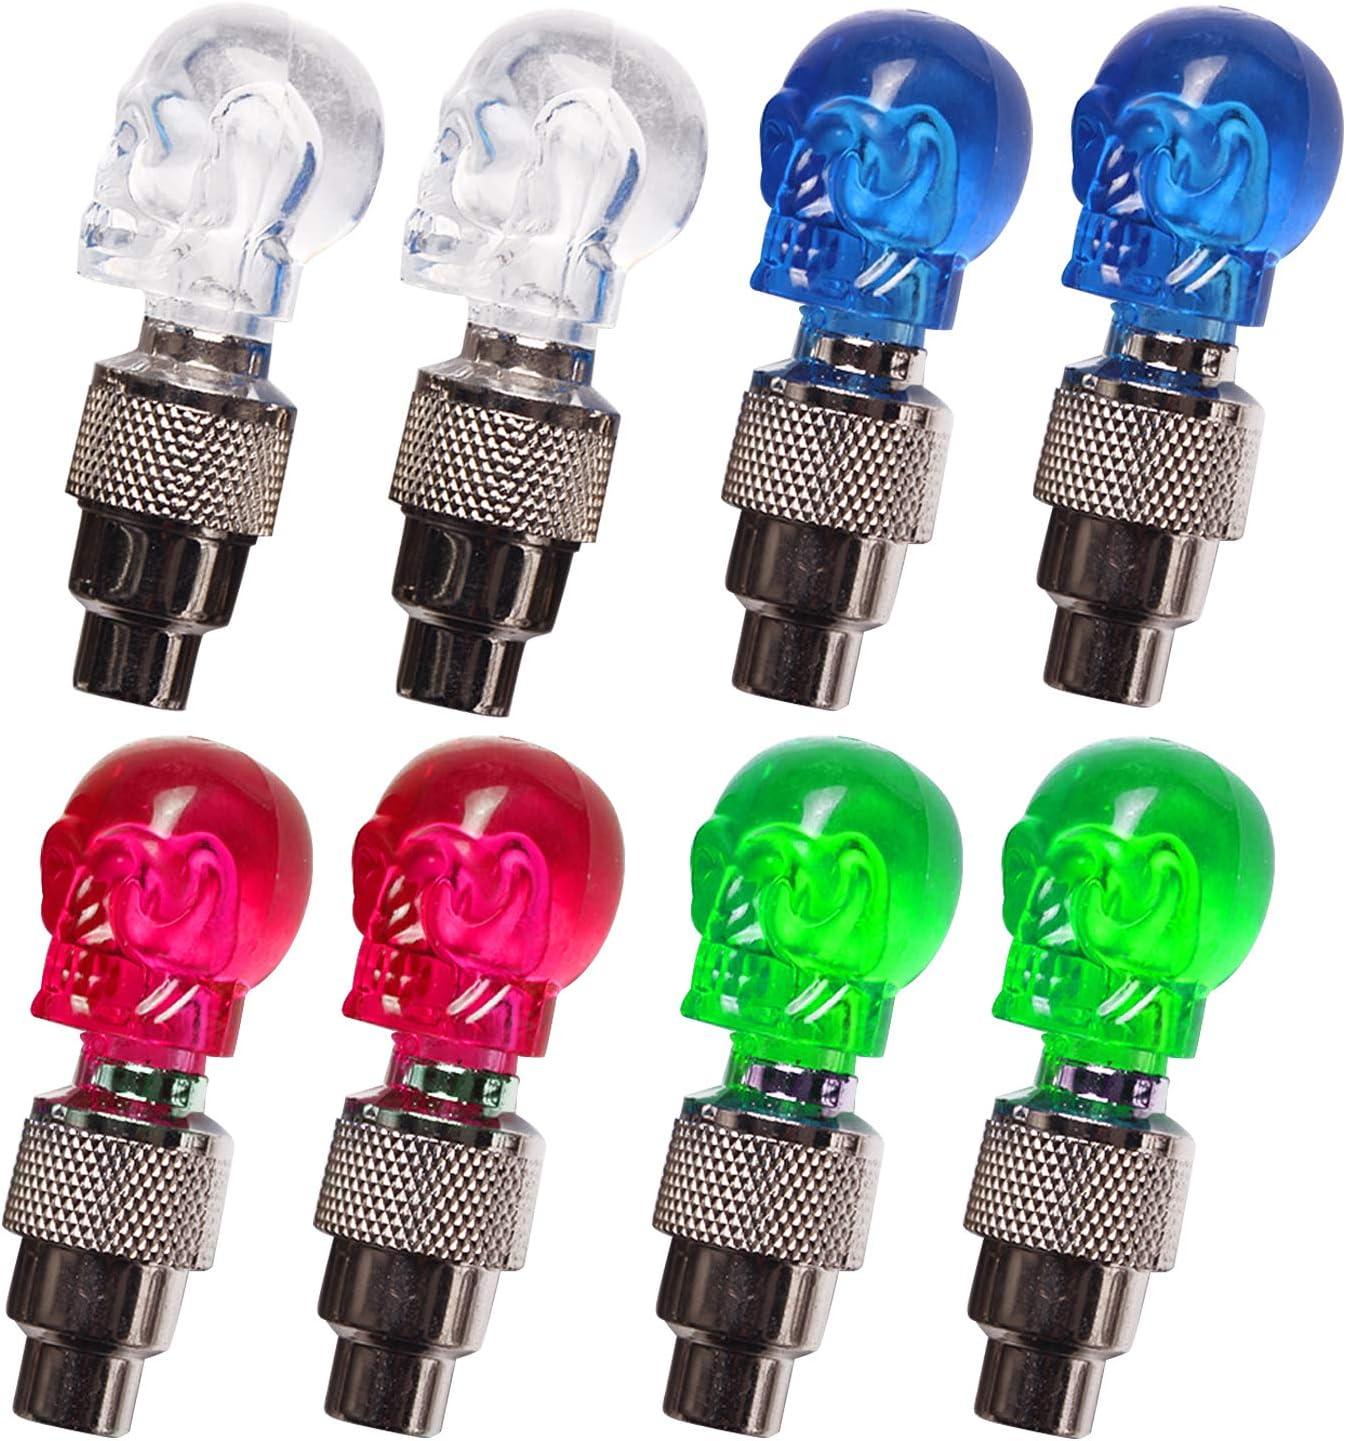 Vococal 8 Piezas Colorido Cráneo Cabeza Bicicleta Neumático Rueda Vástago Tapa Válvula LED Luces Lámpara para Bicicleta Motocicleta Bicicleta Coche: Amazon.es: Electrónica